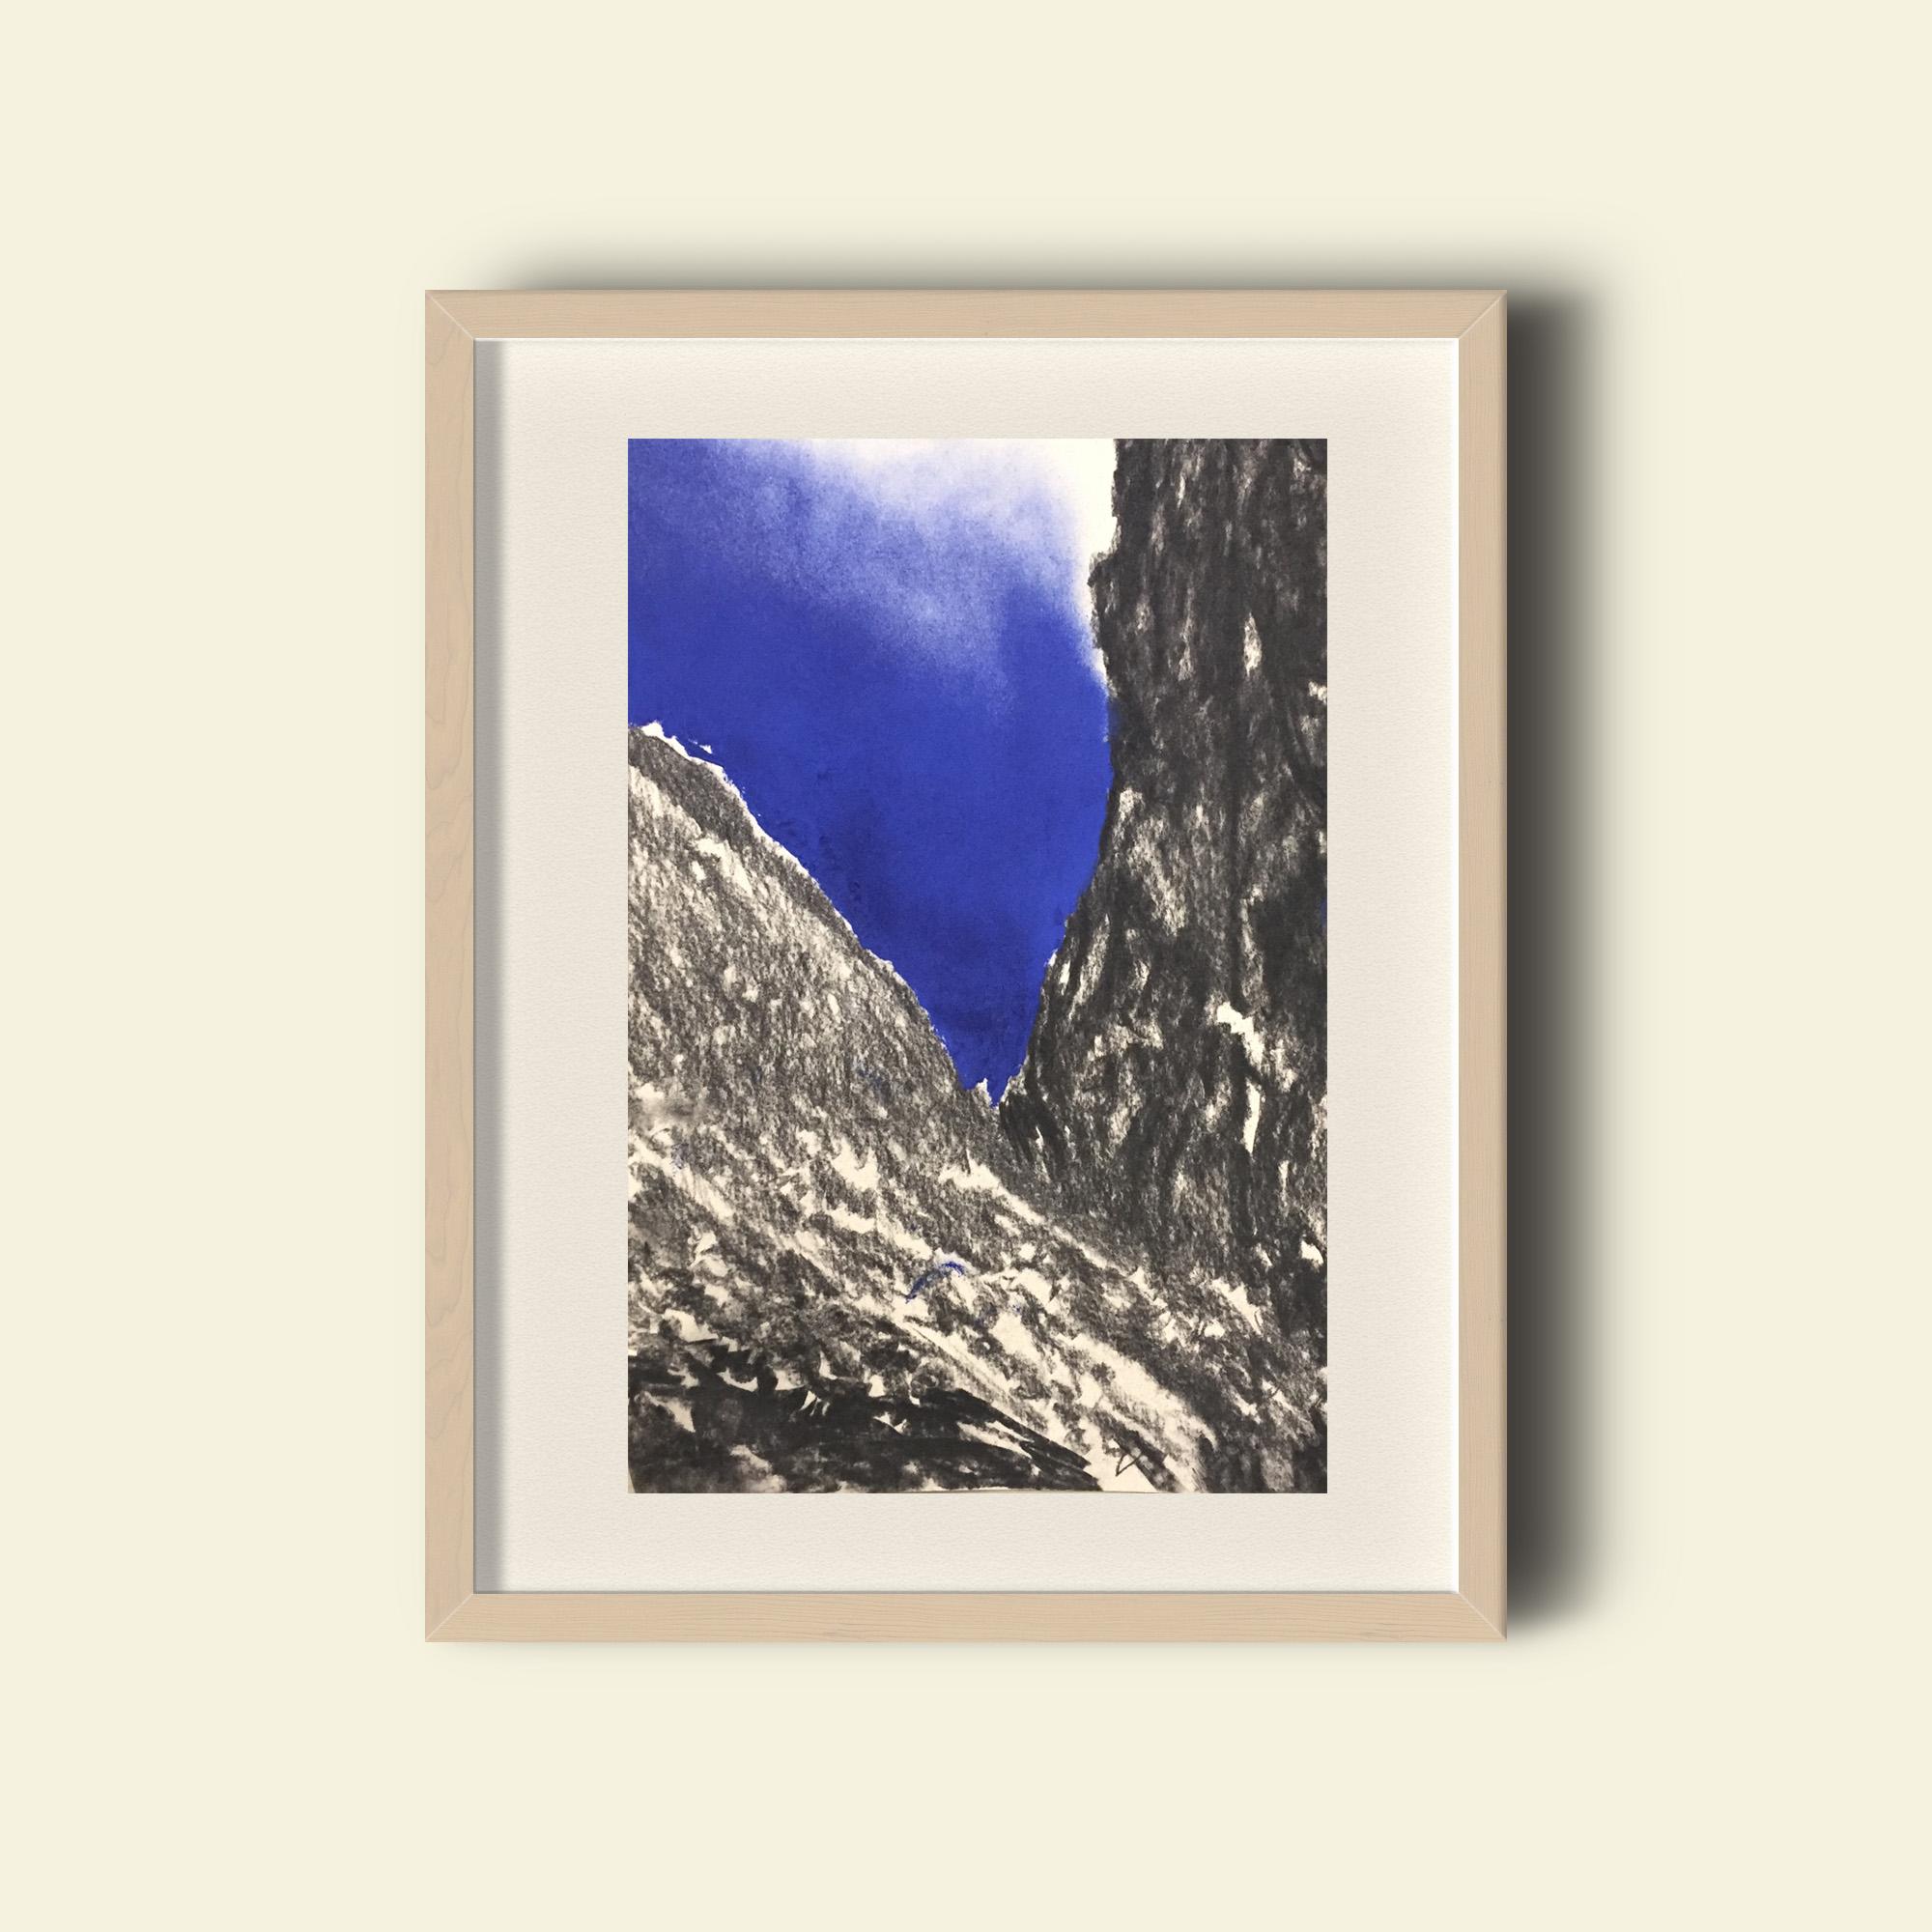 frames029876.jpg